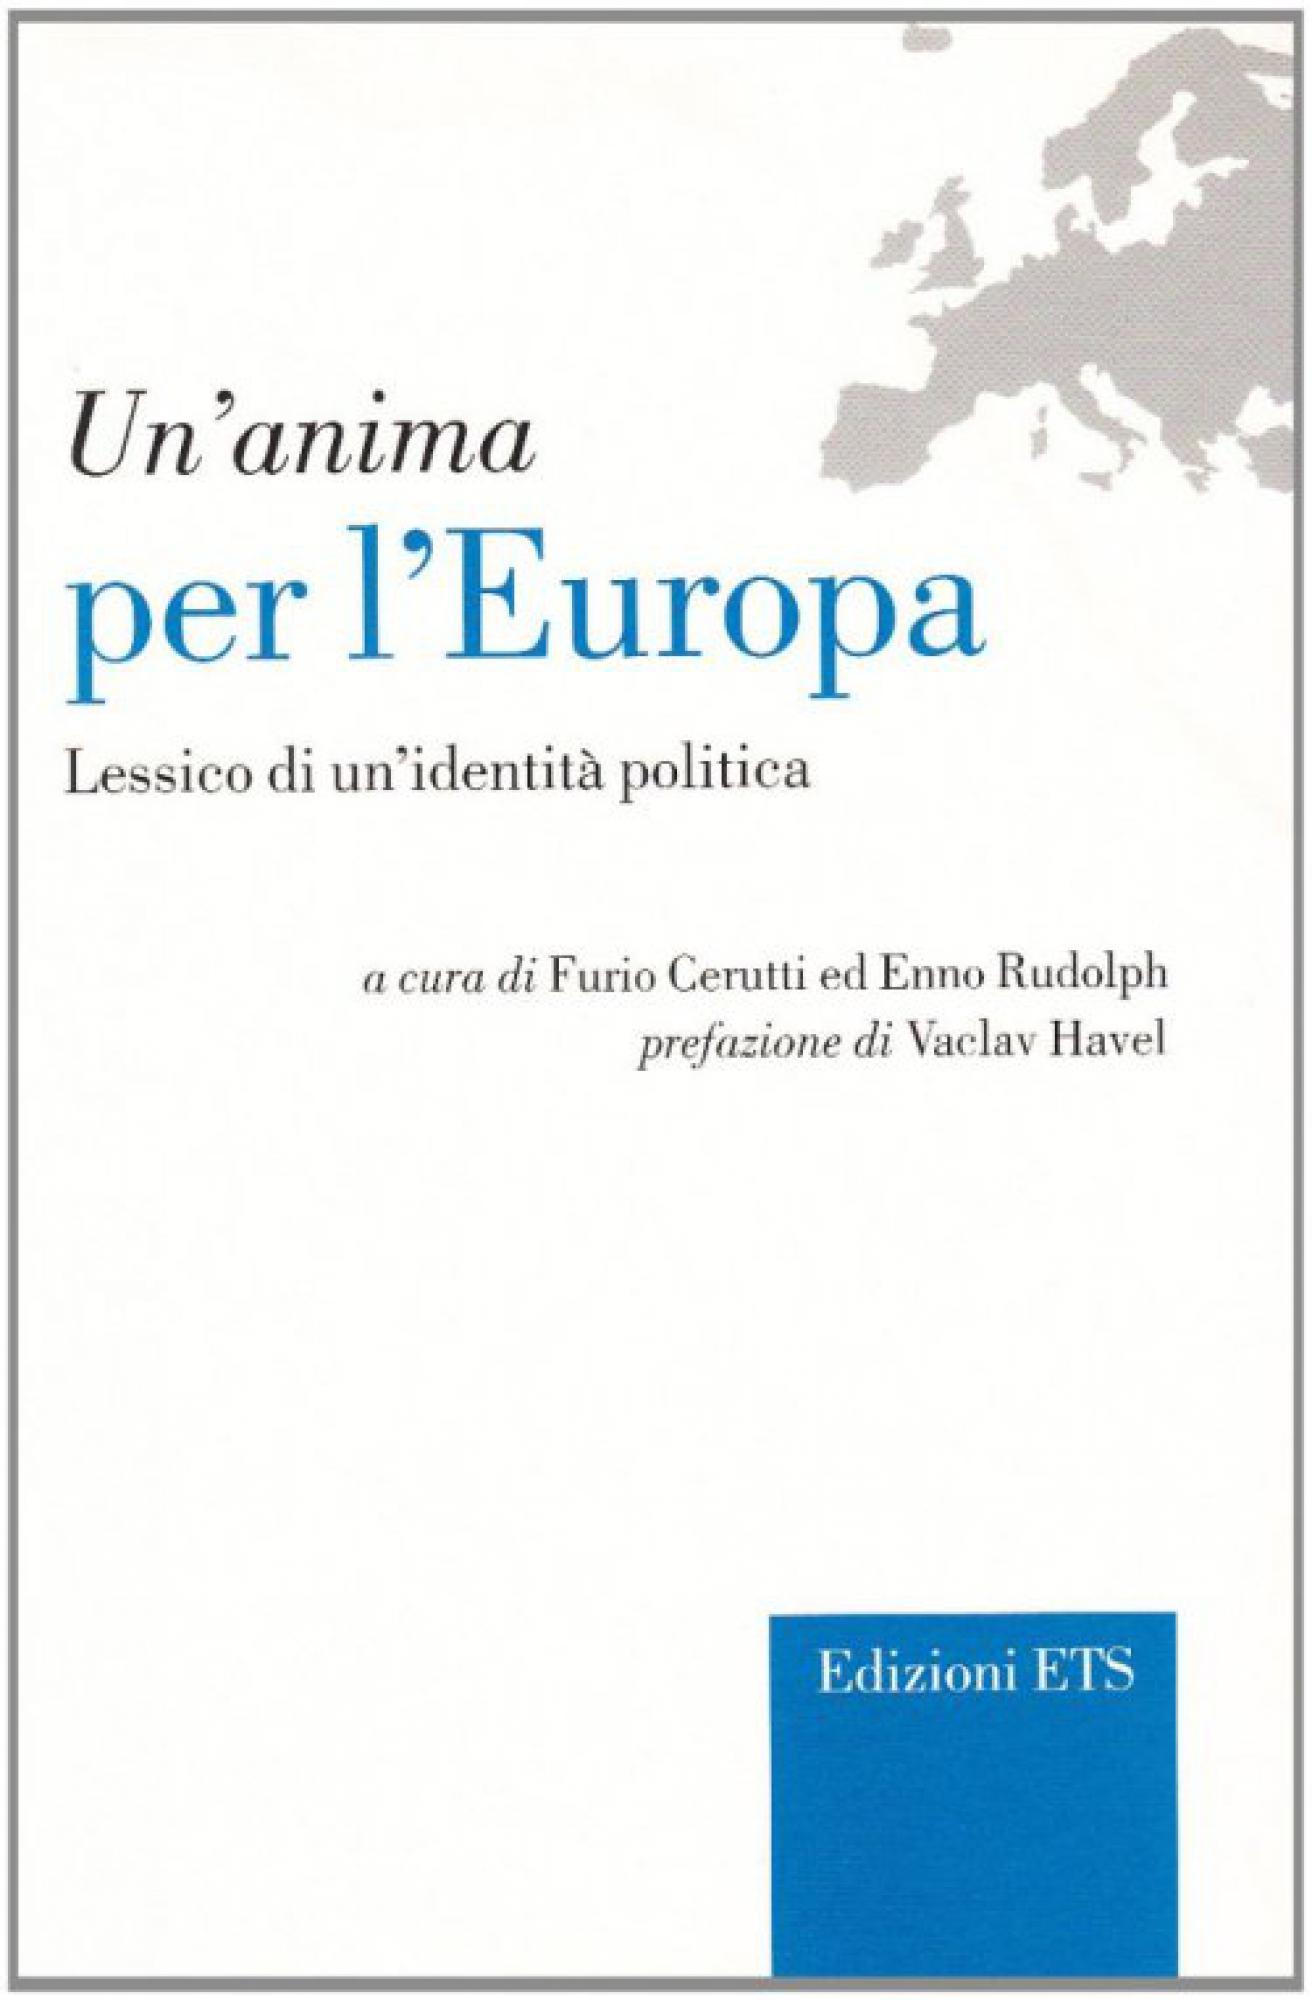 Un'anima per l'Europa.Lessico di un'identità politica